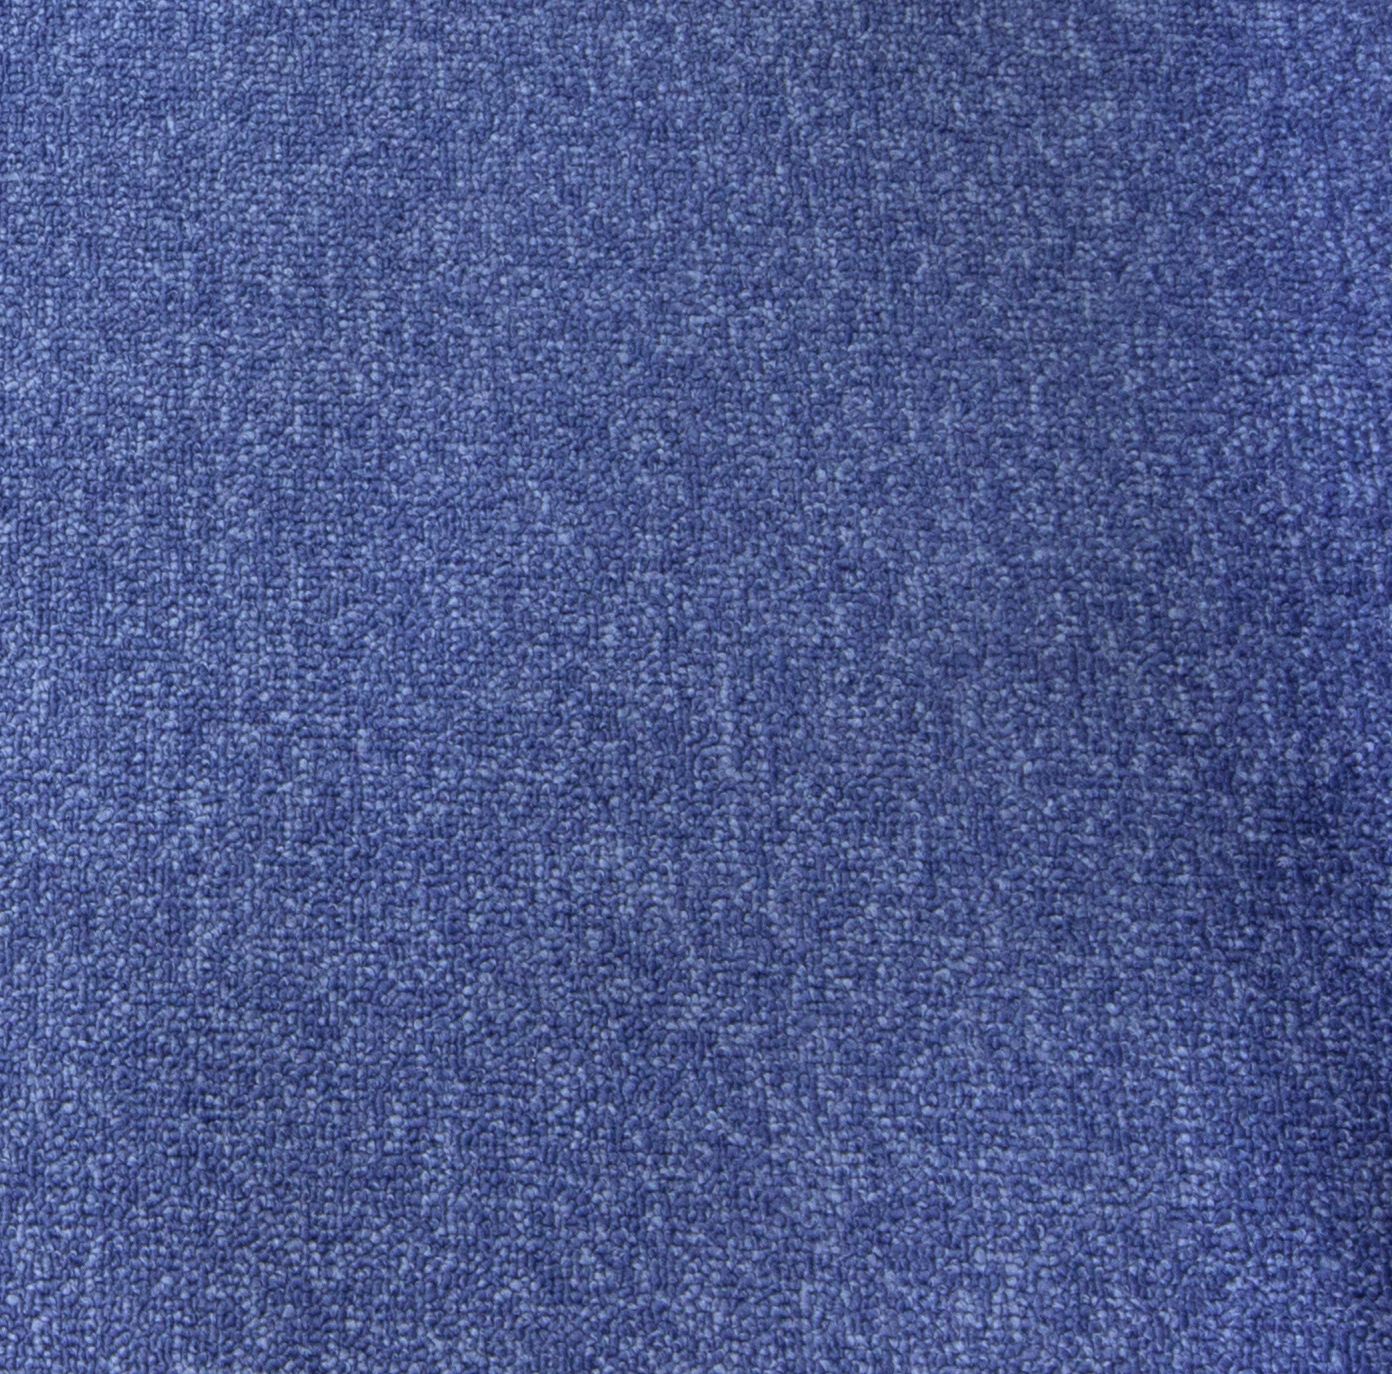 ES11S Wool Carpet Flooring